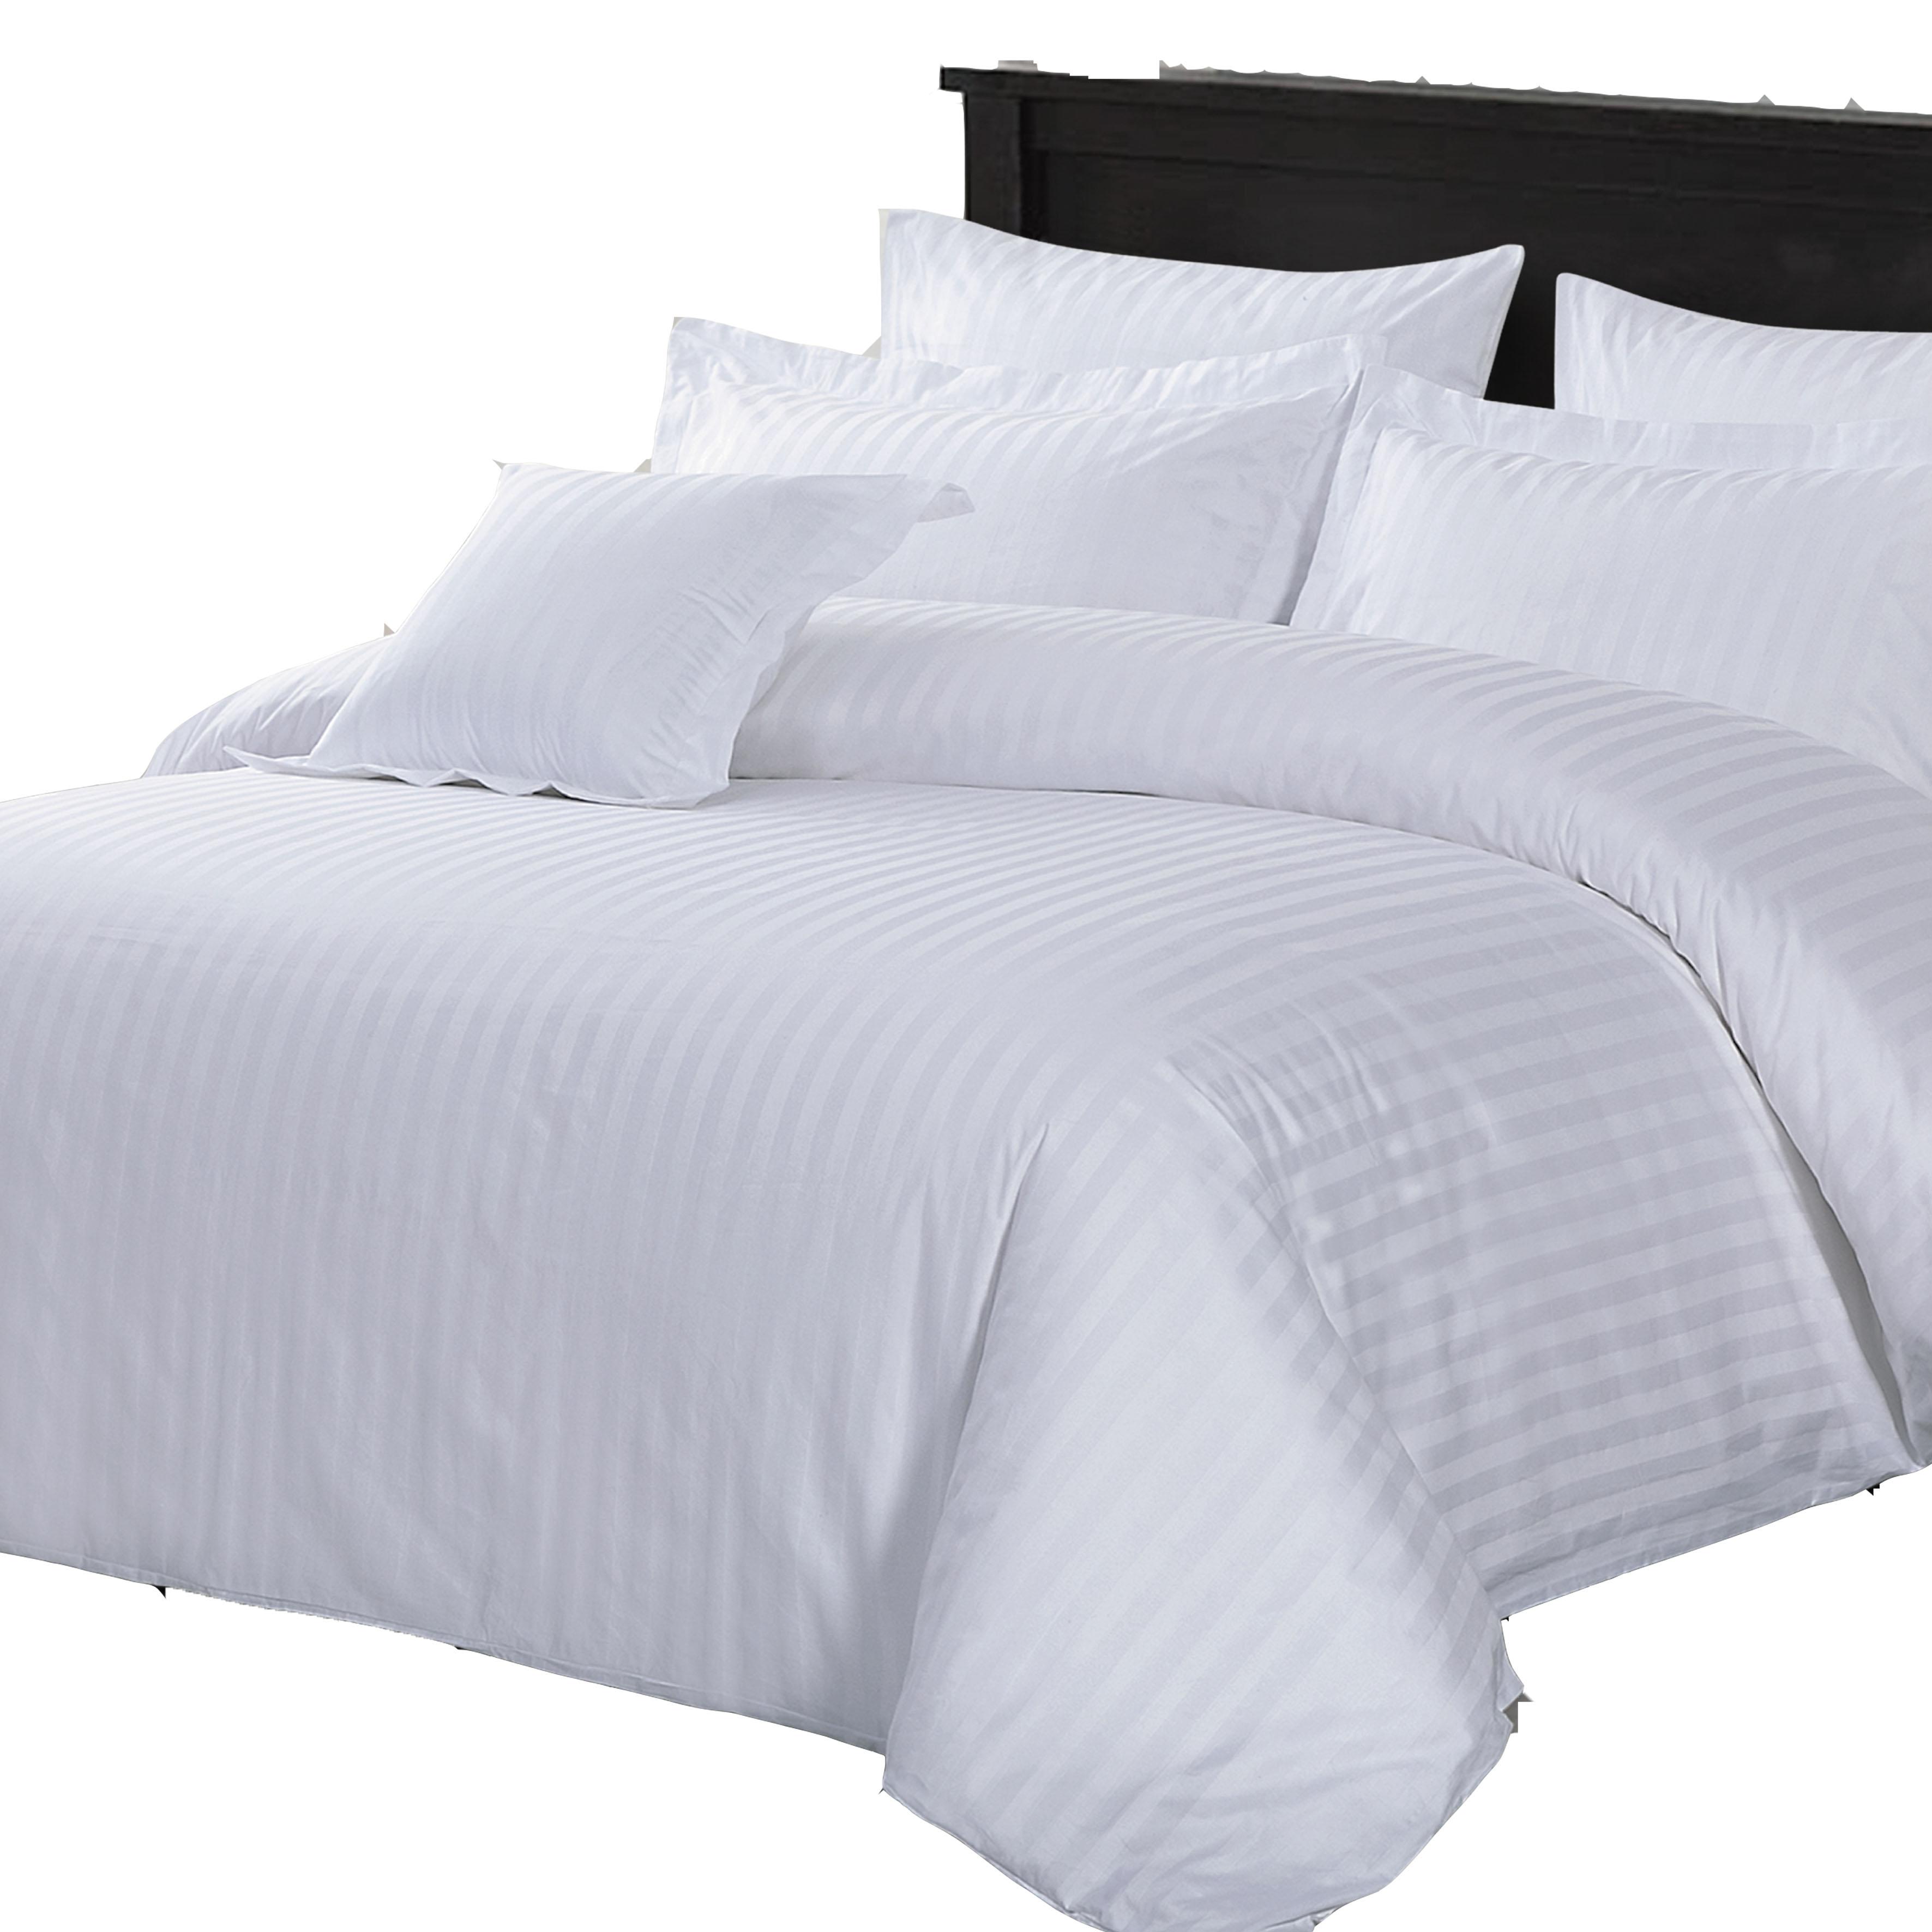 3 шт., Комплект постельного белья из 100% хлопка